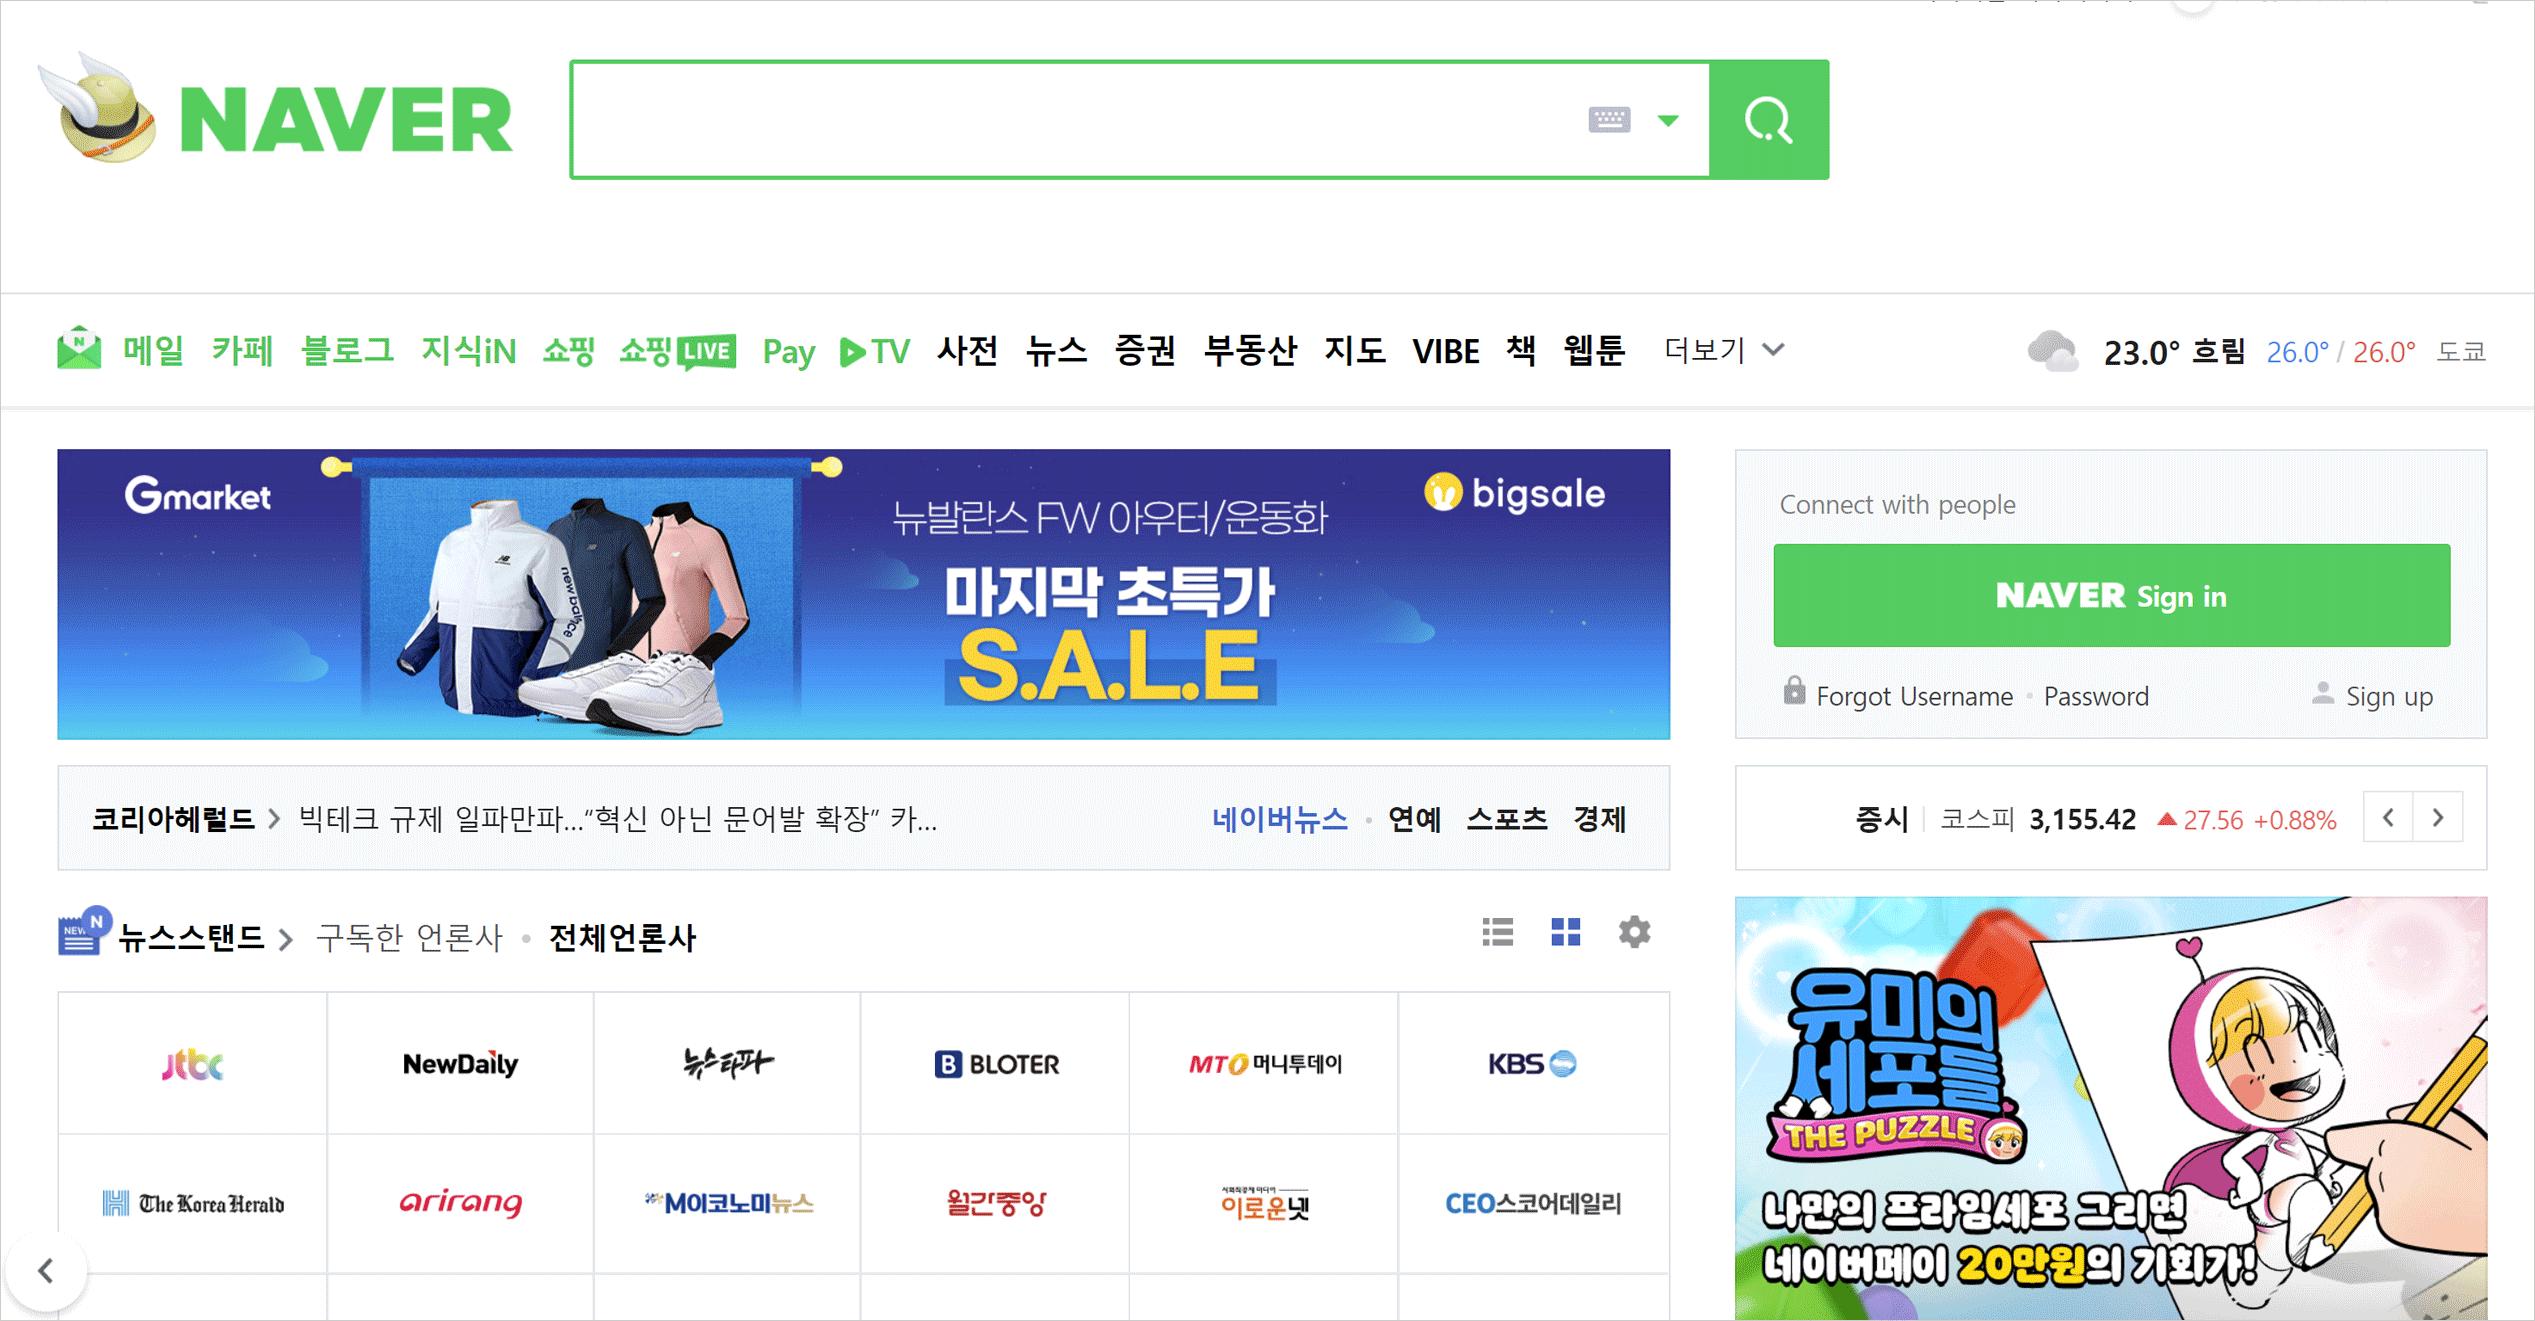 Naver(ネイバー)